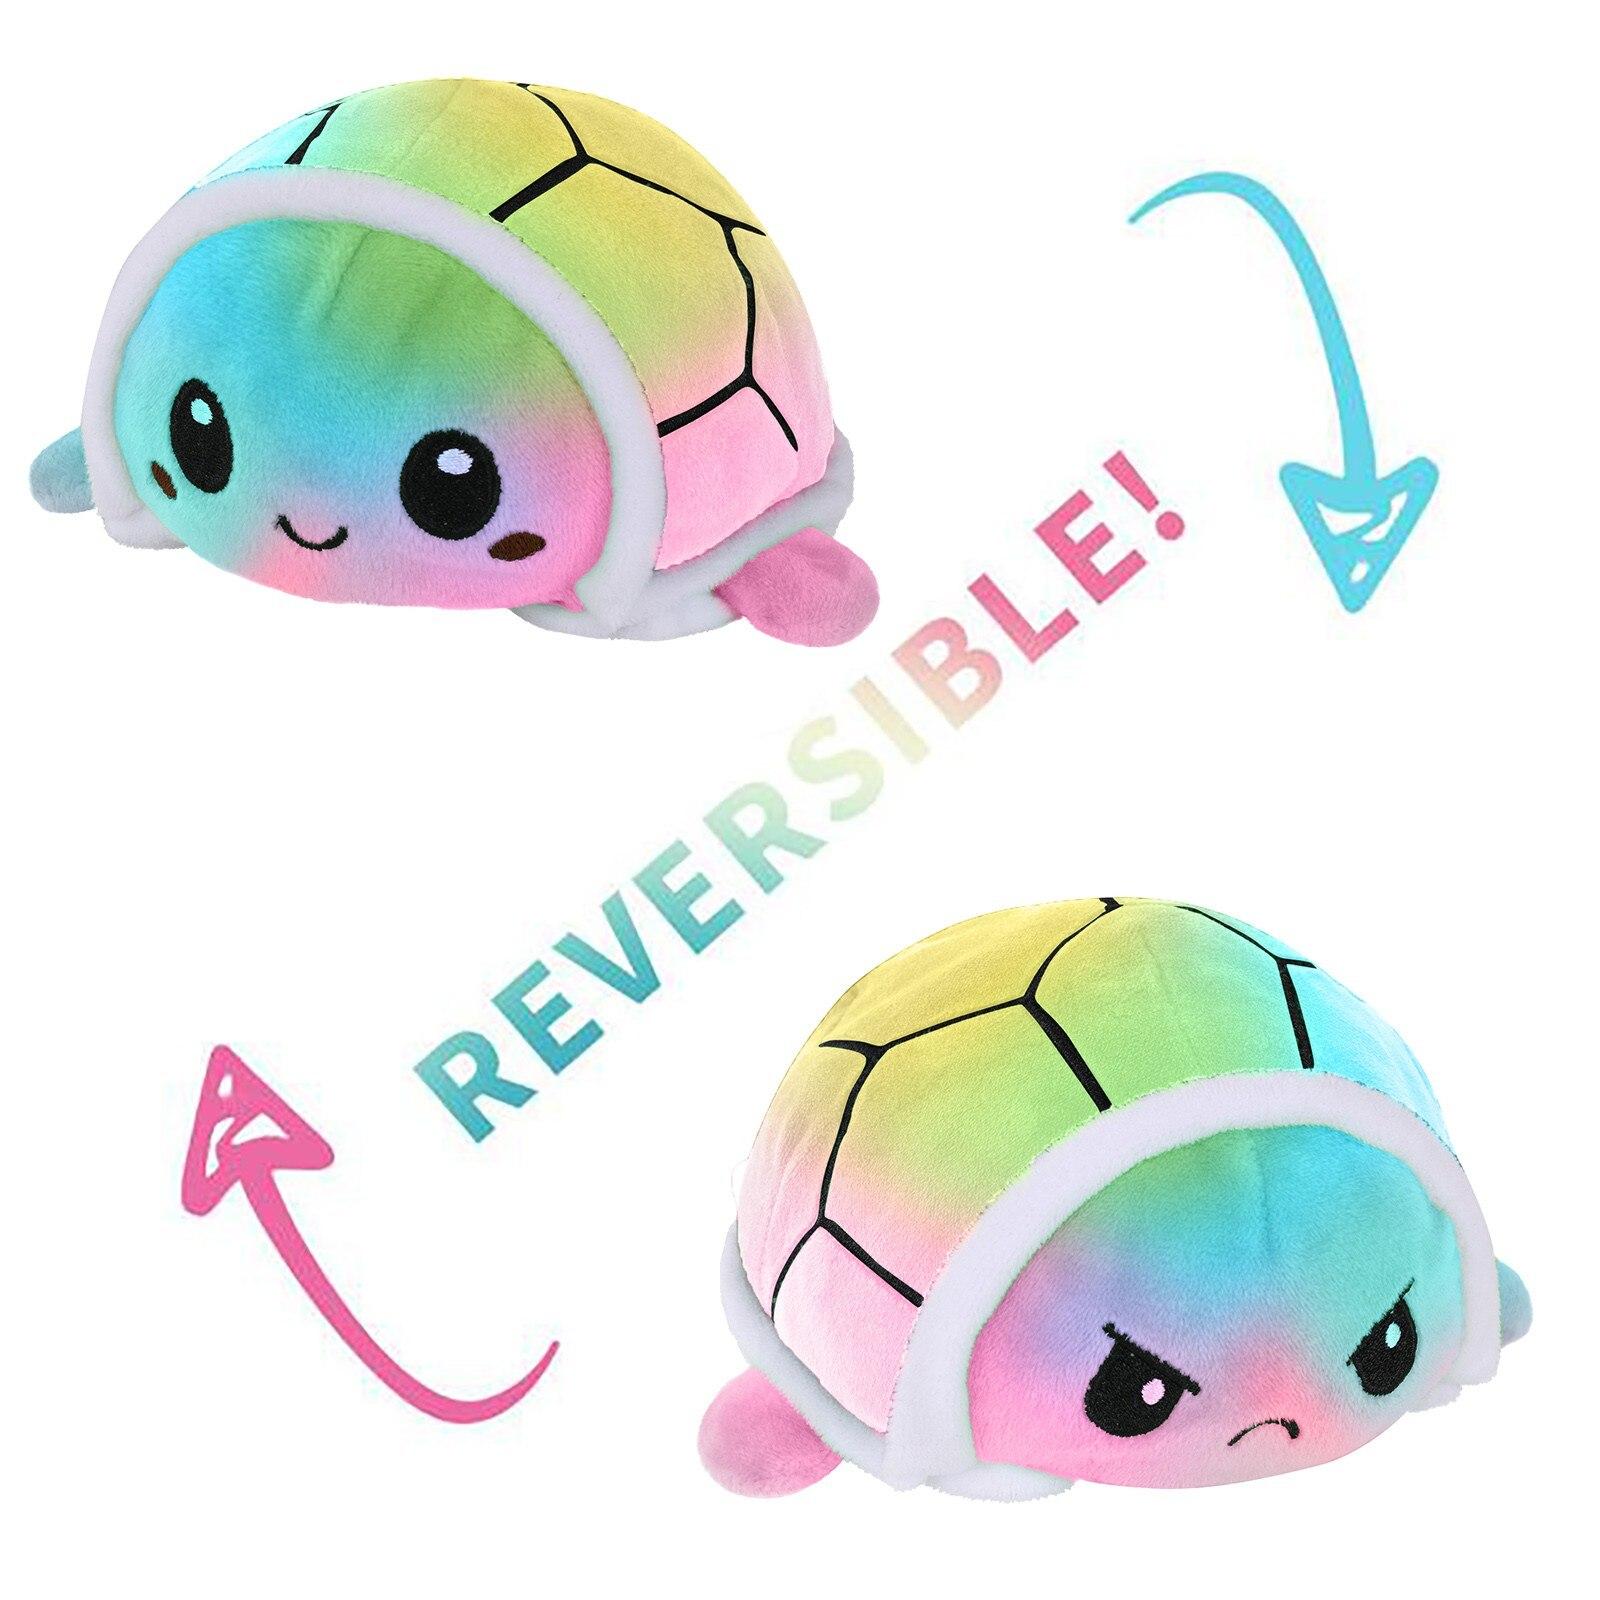 Hot Sale Double Sided Reversible Turtle Kids Plushie Plush Animals Double-Sided Flip Tortoise Plush